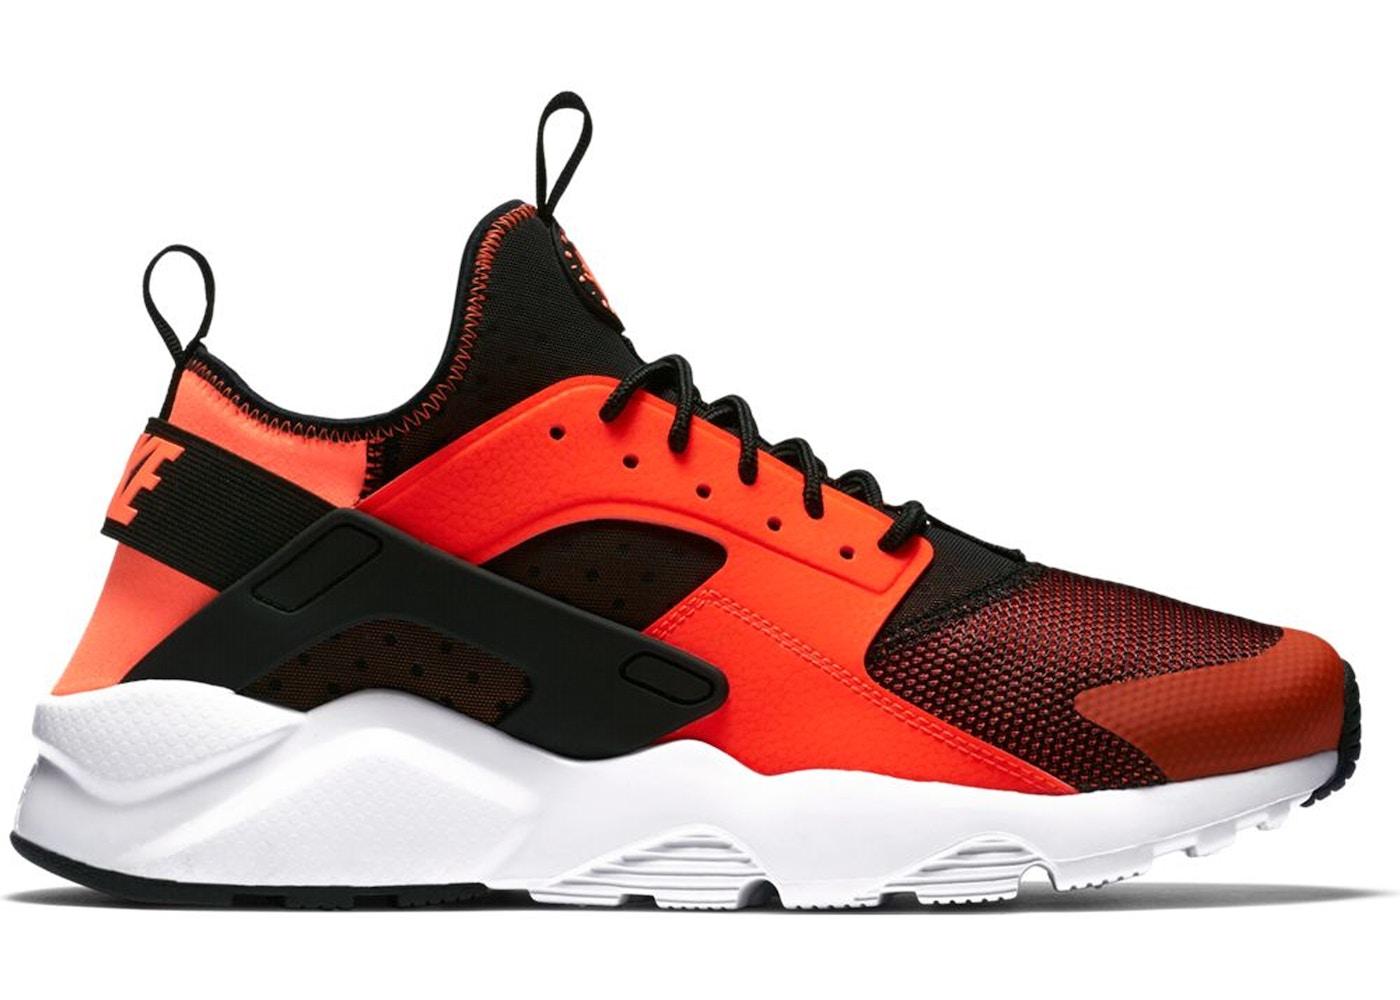 Nike Air Huarache Run Ultra Black Total Crimson - 819685-008